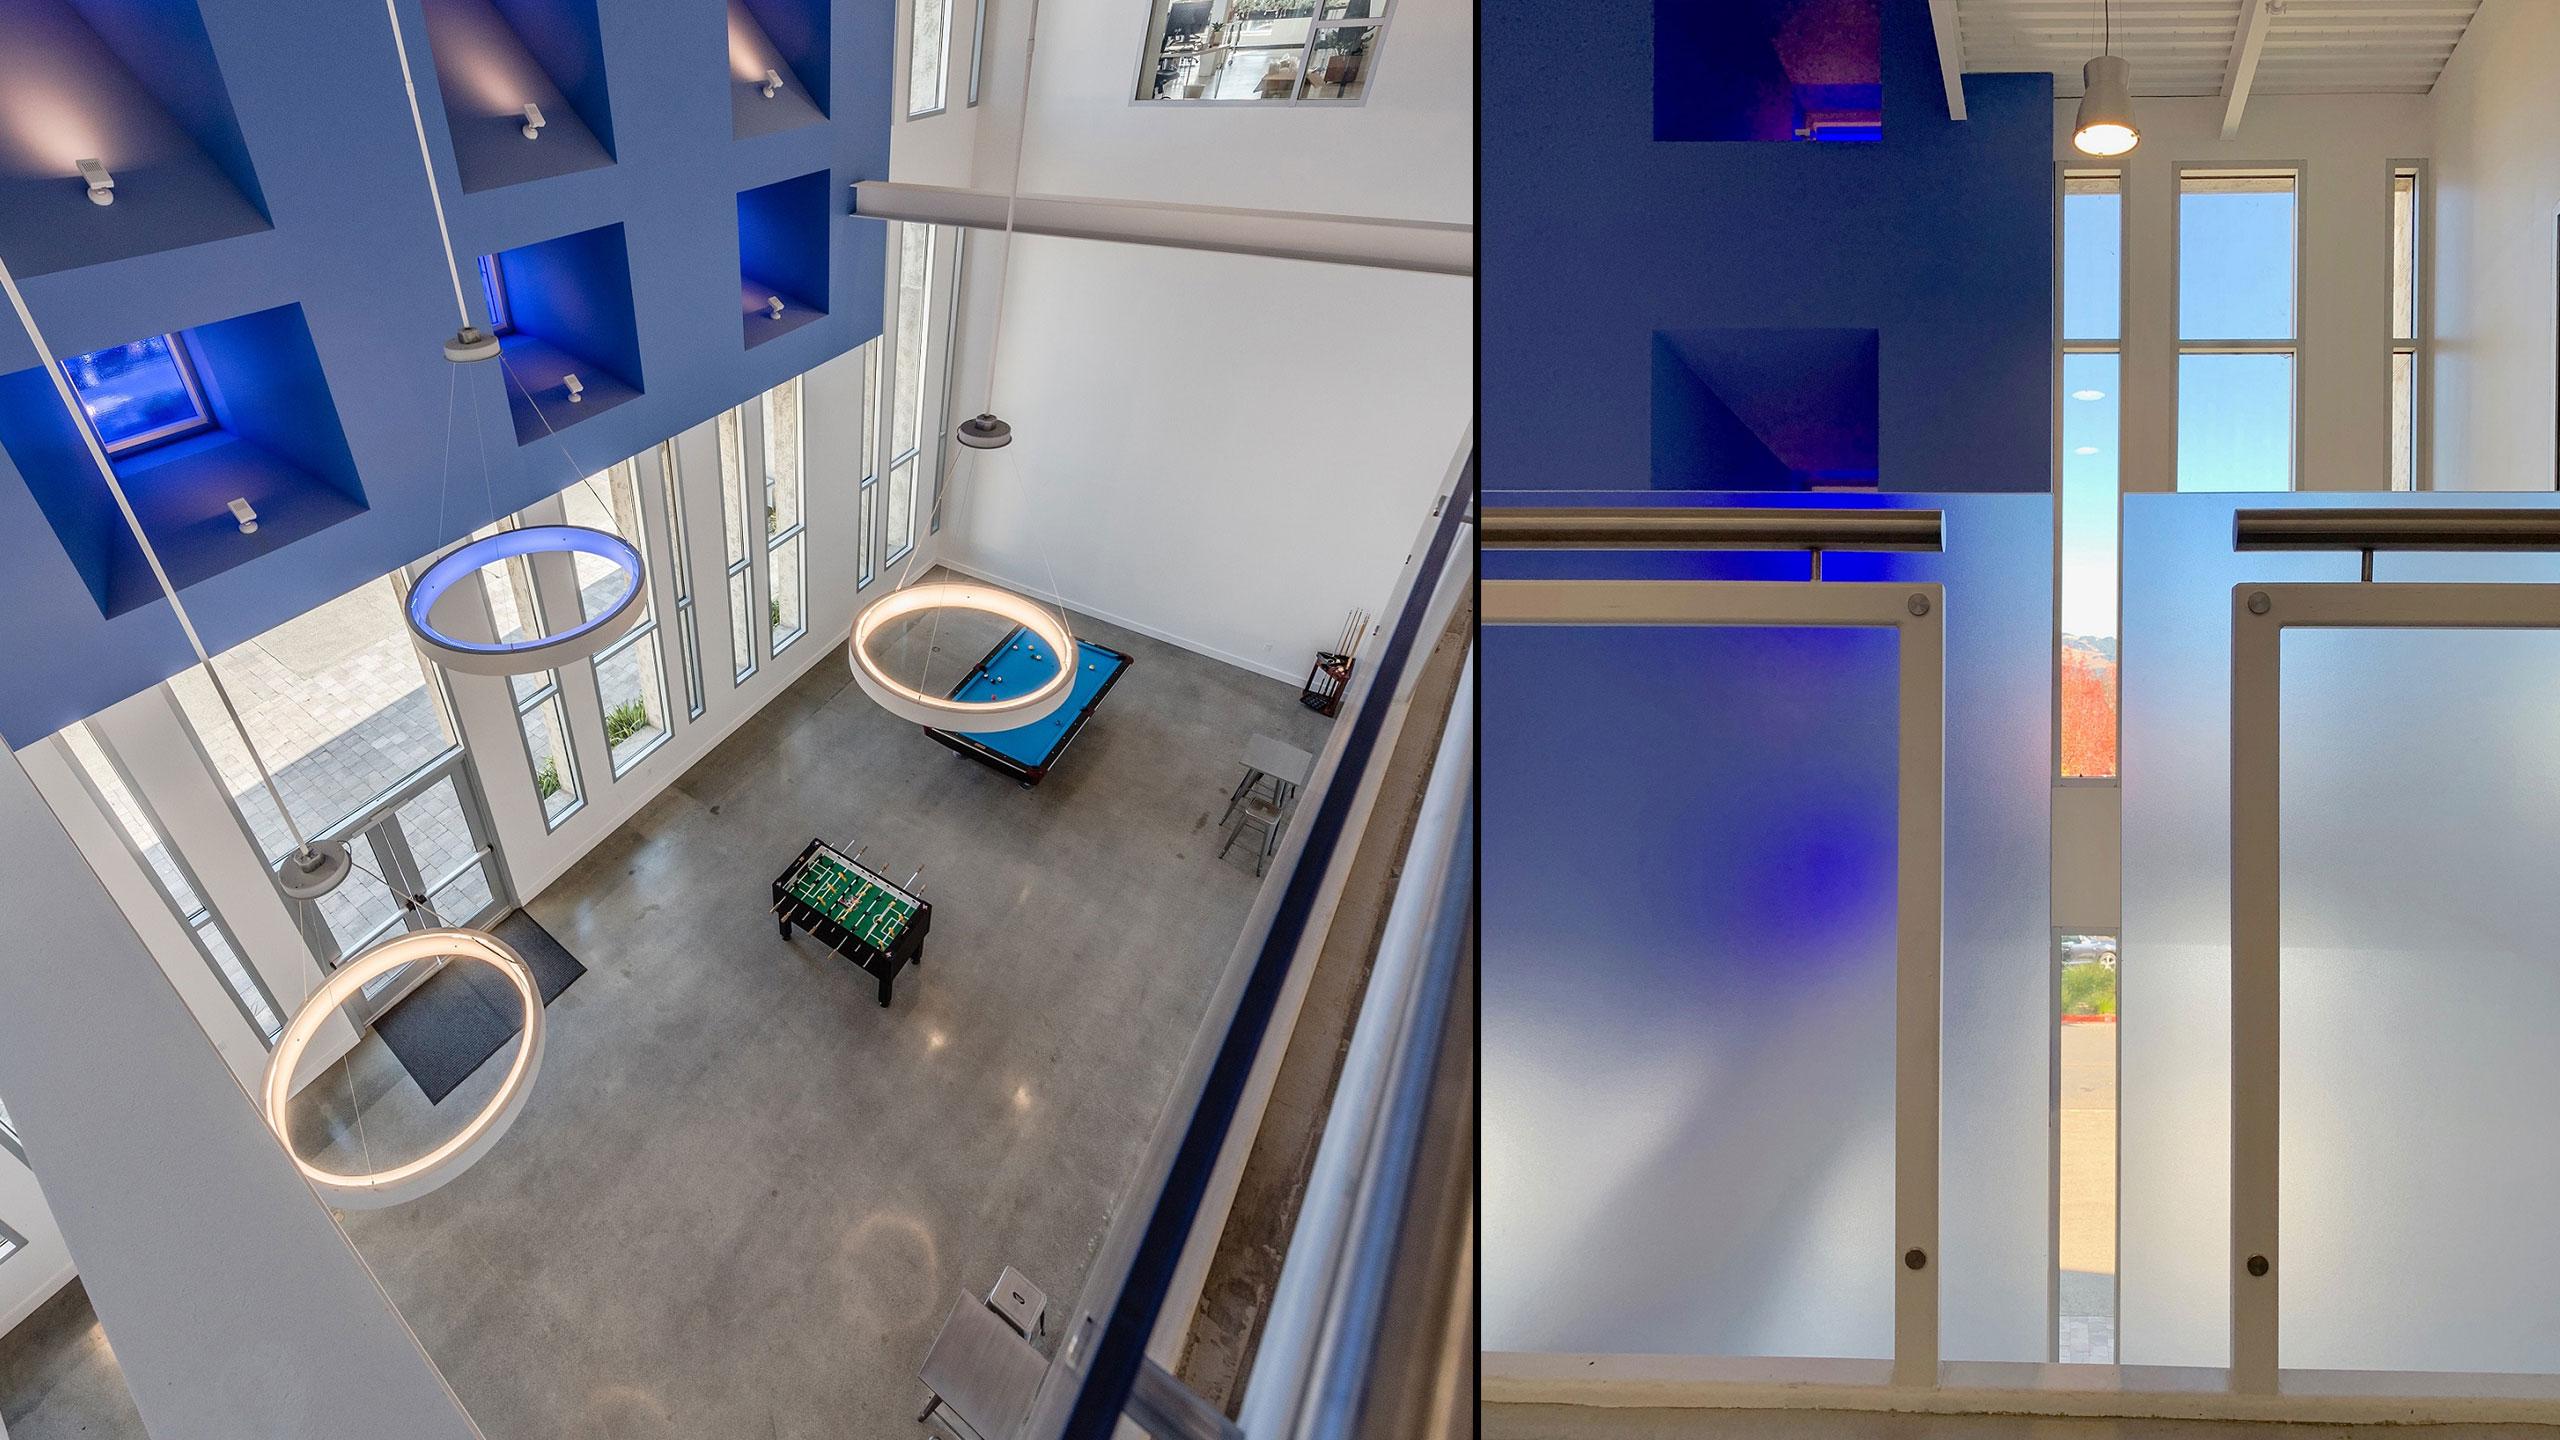 OMO-Blue-Room-Commercial-Design-Rohnert-Park-2-Industrial-Remodel